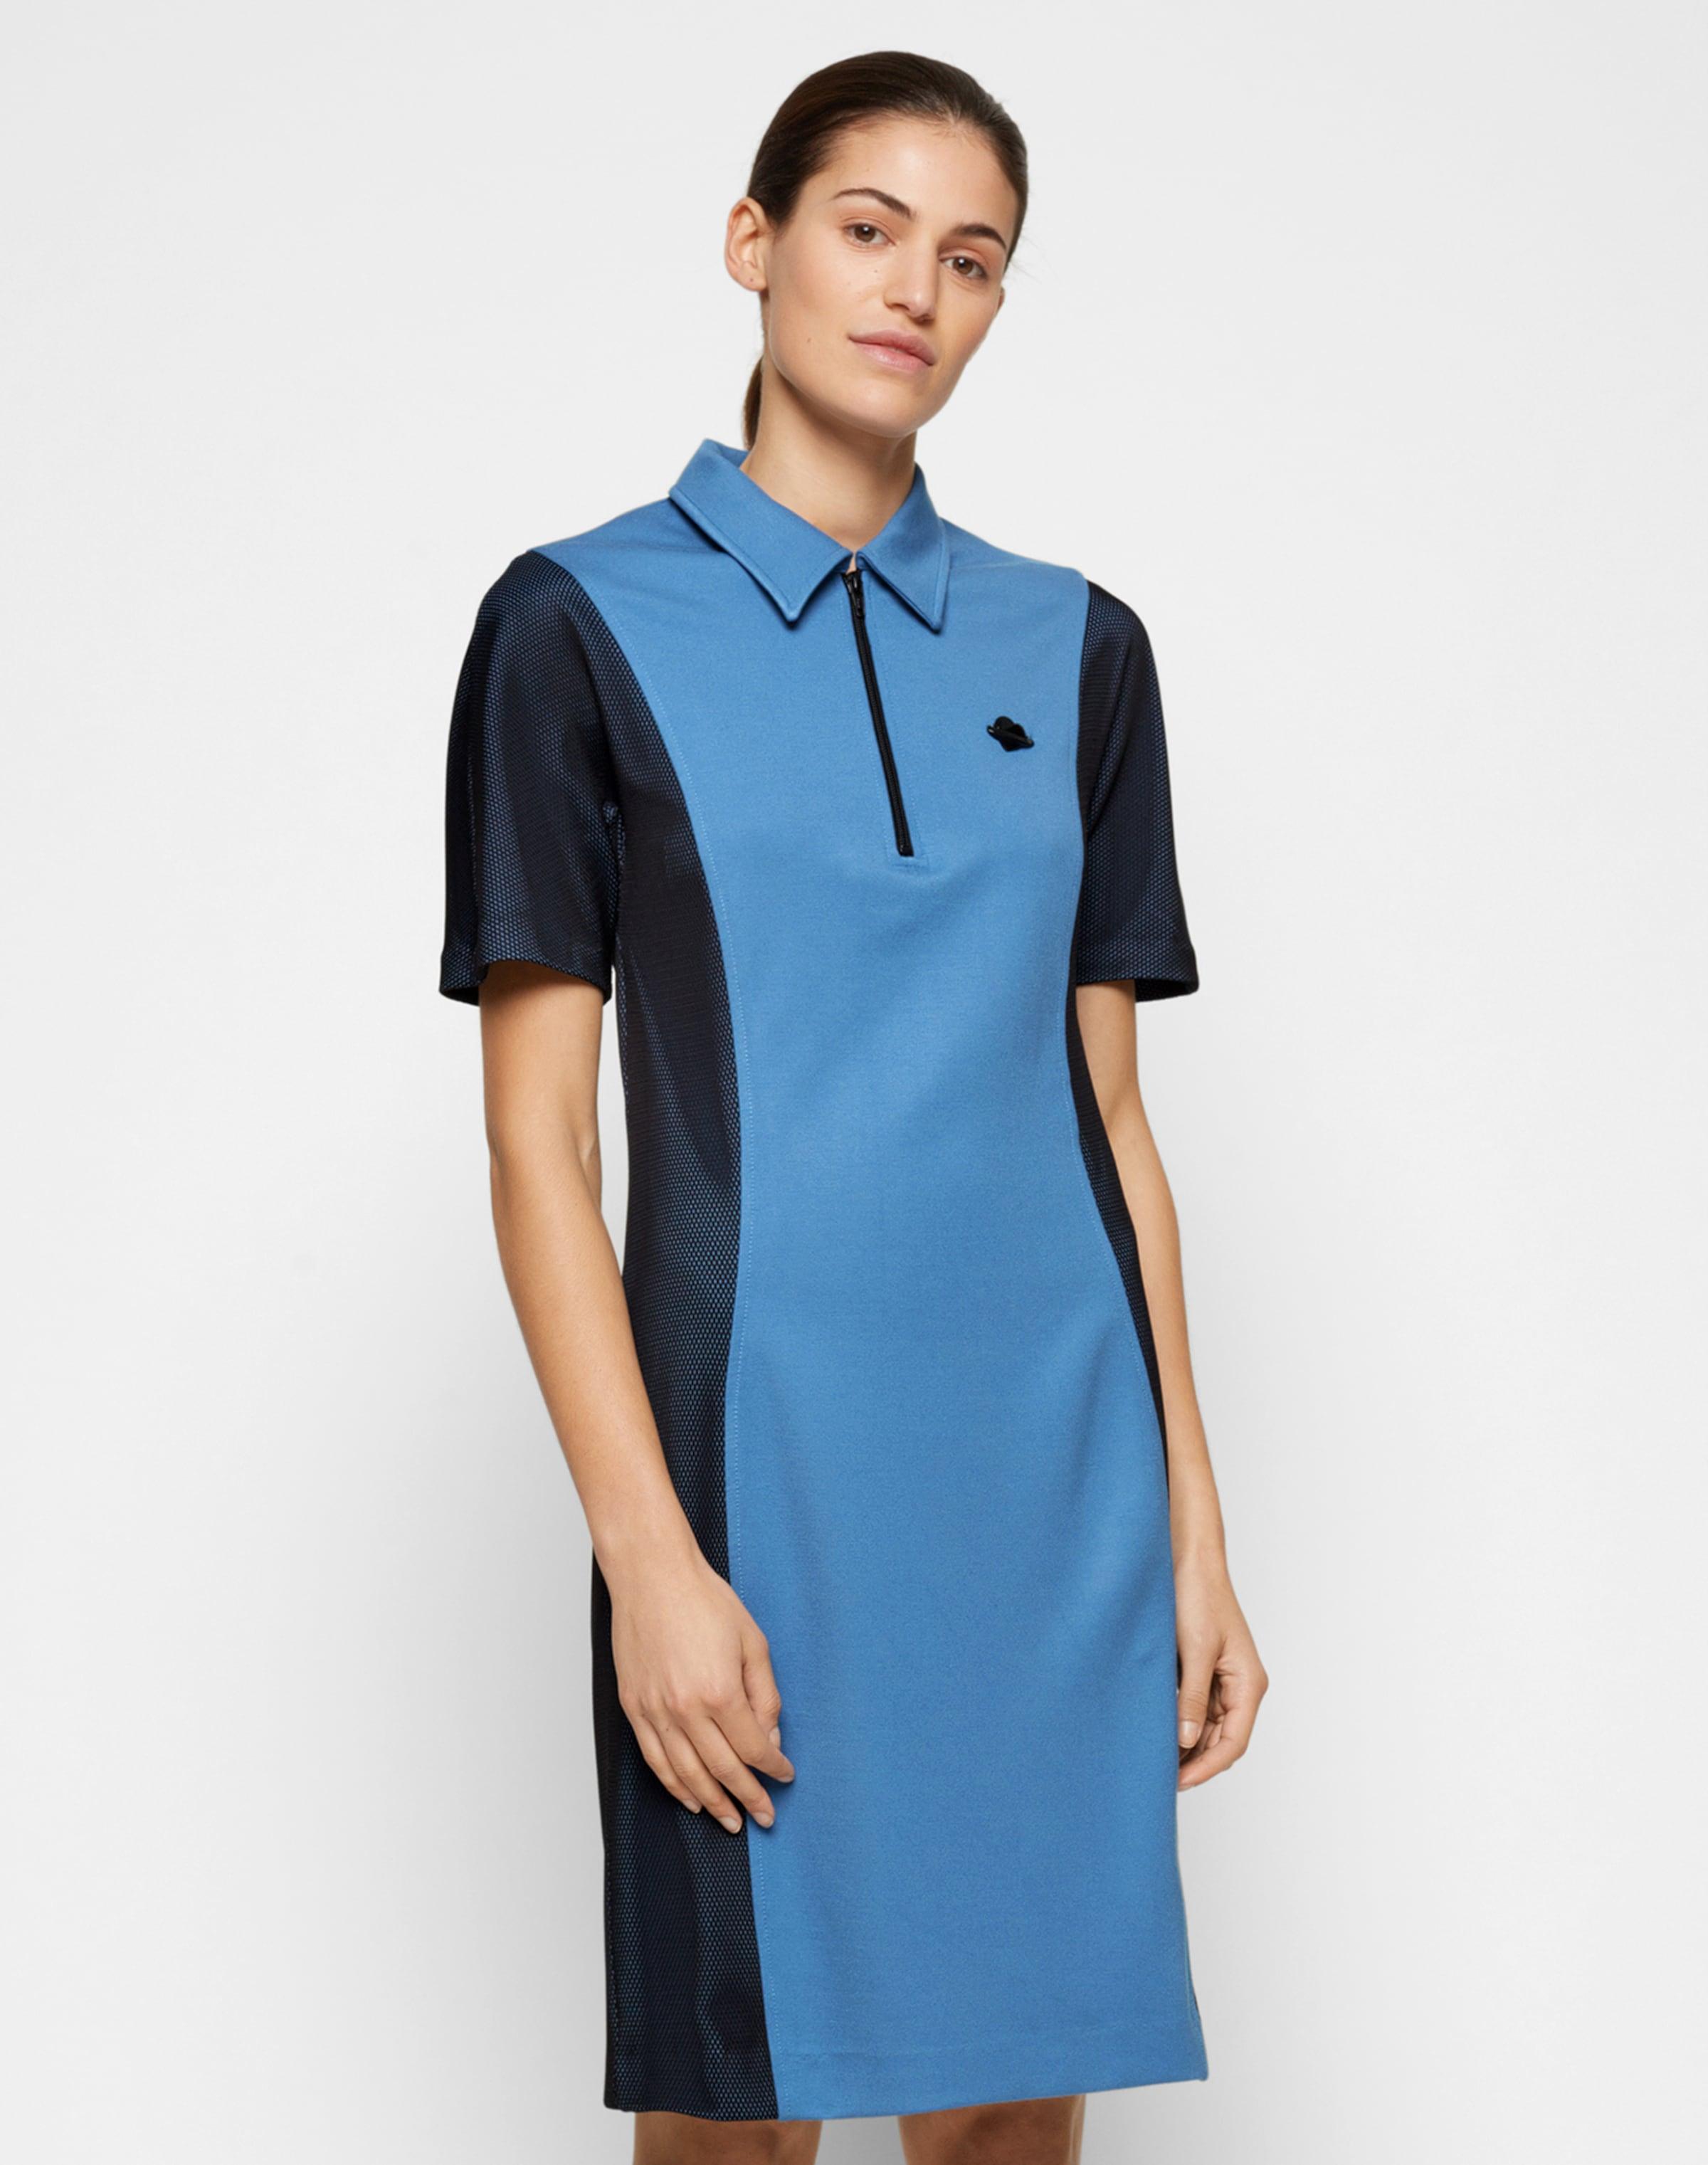 Freies Verschiffen Fabrikverkauf Günstig Kaufen Ausgezeichnet Love Moschino Kleid mit Polokragen aQQcKDCCT